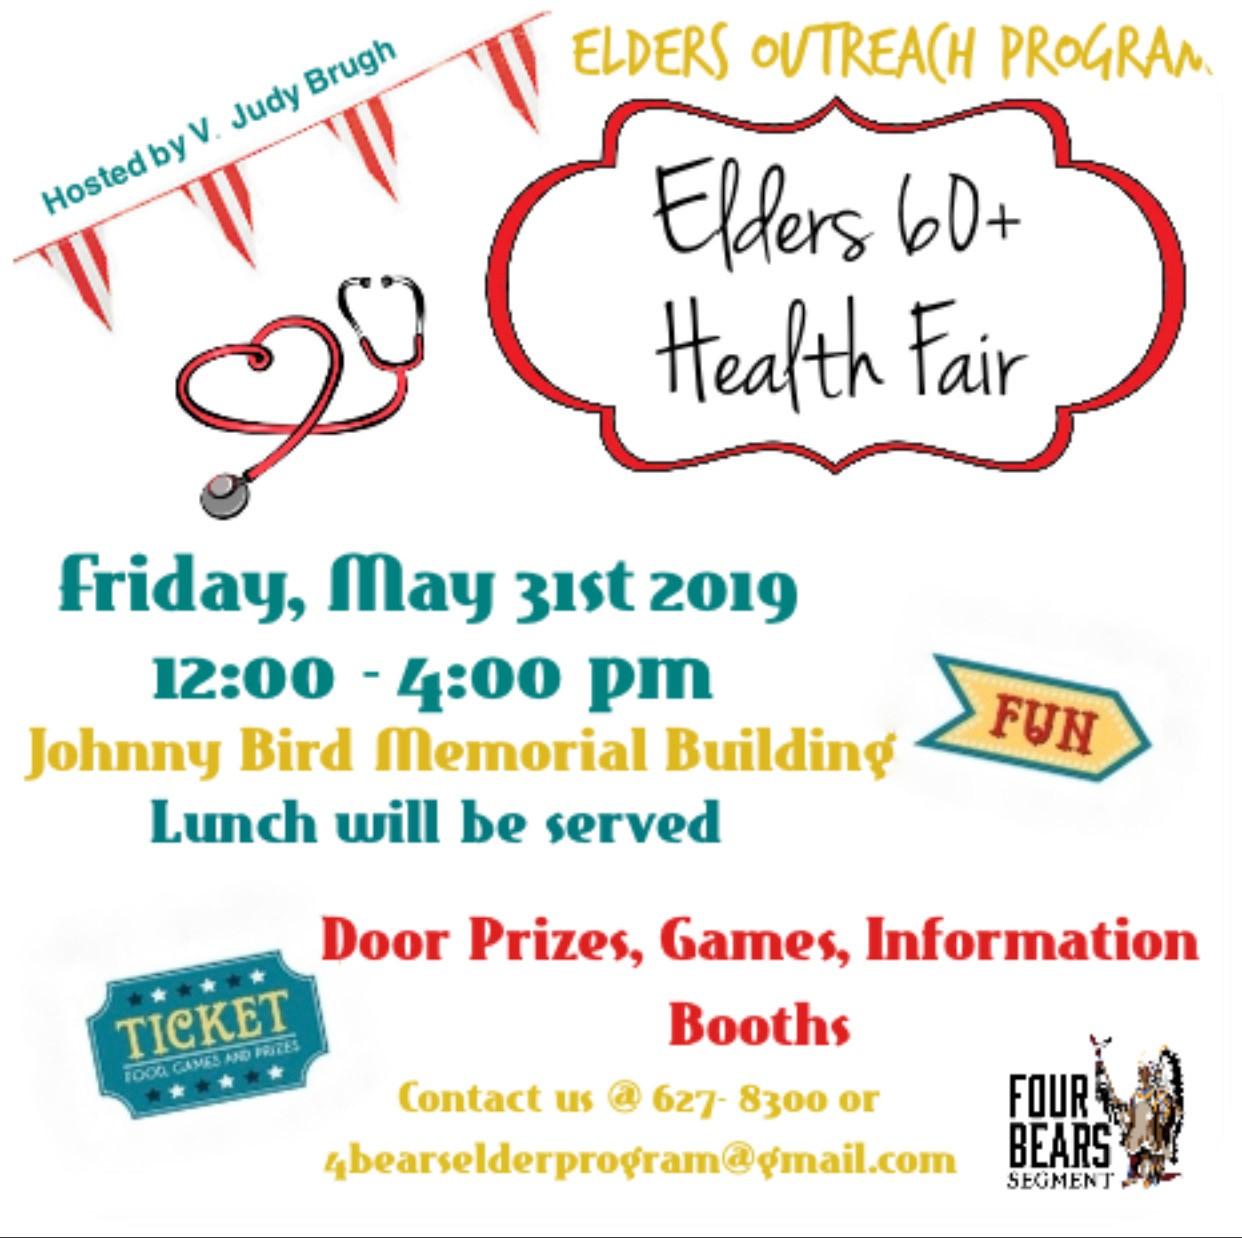 Elders 60+ Health Fair.jpg